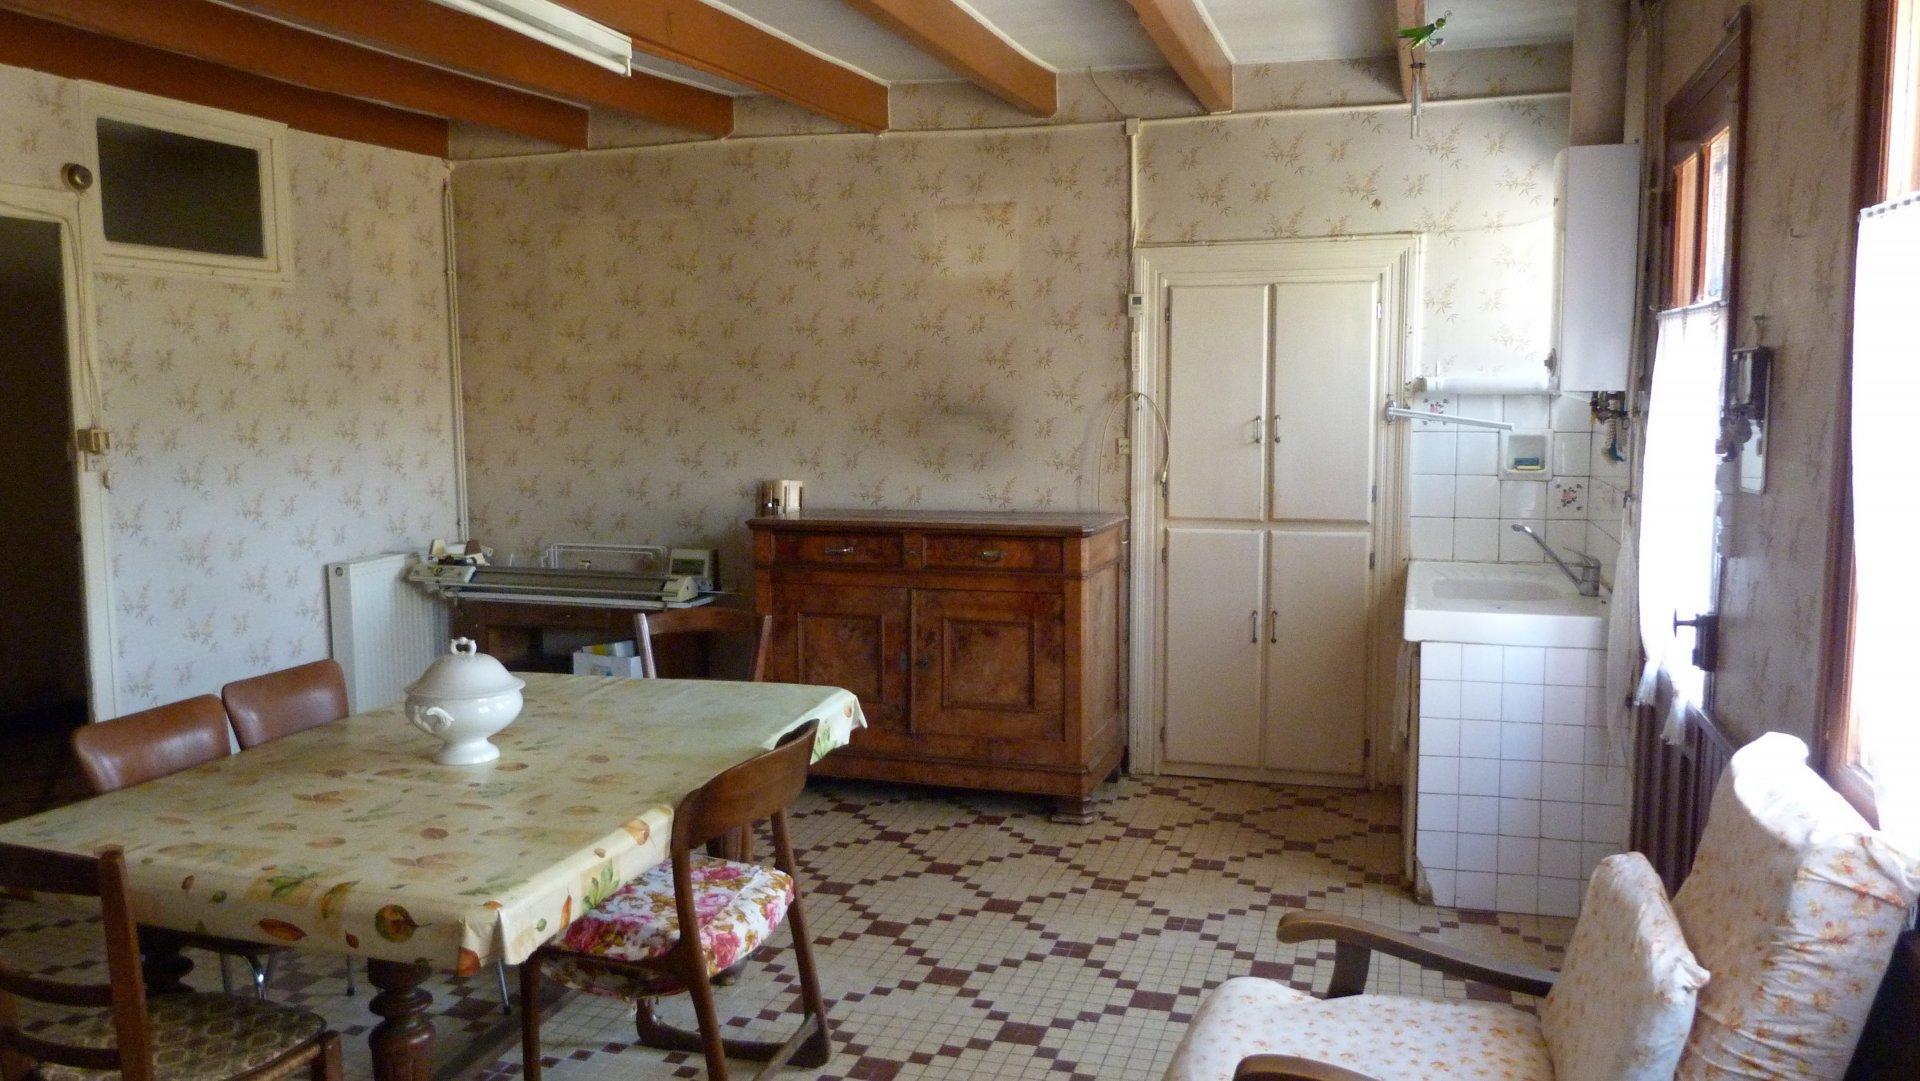 Entre Chef Boutonne et Villefagnan